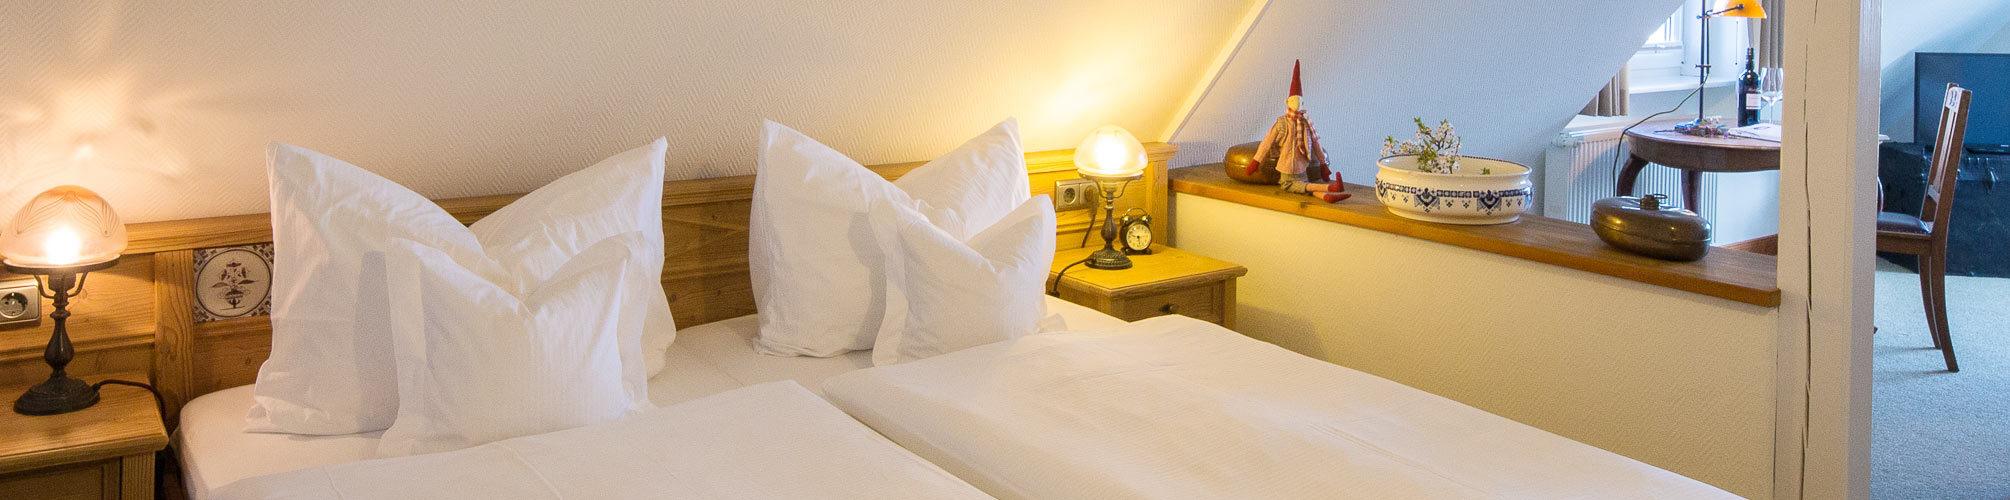 hotel-pension-uetjkiek-hotelzimmer-7